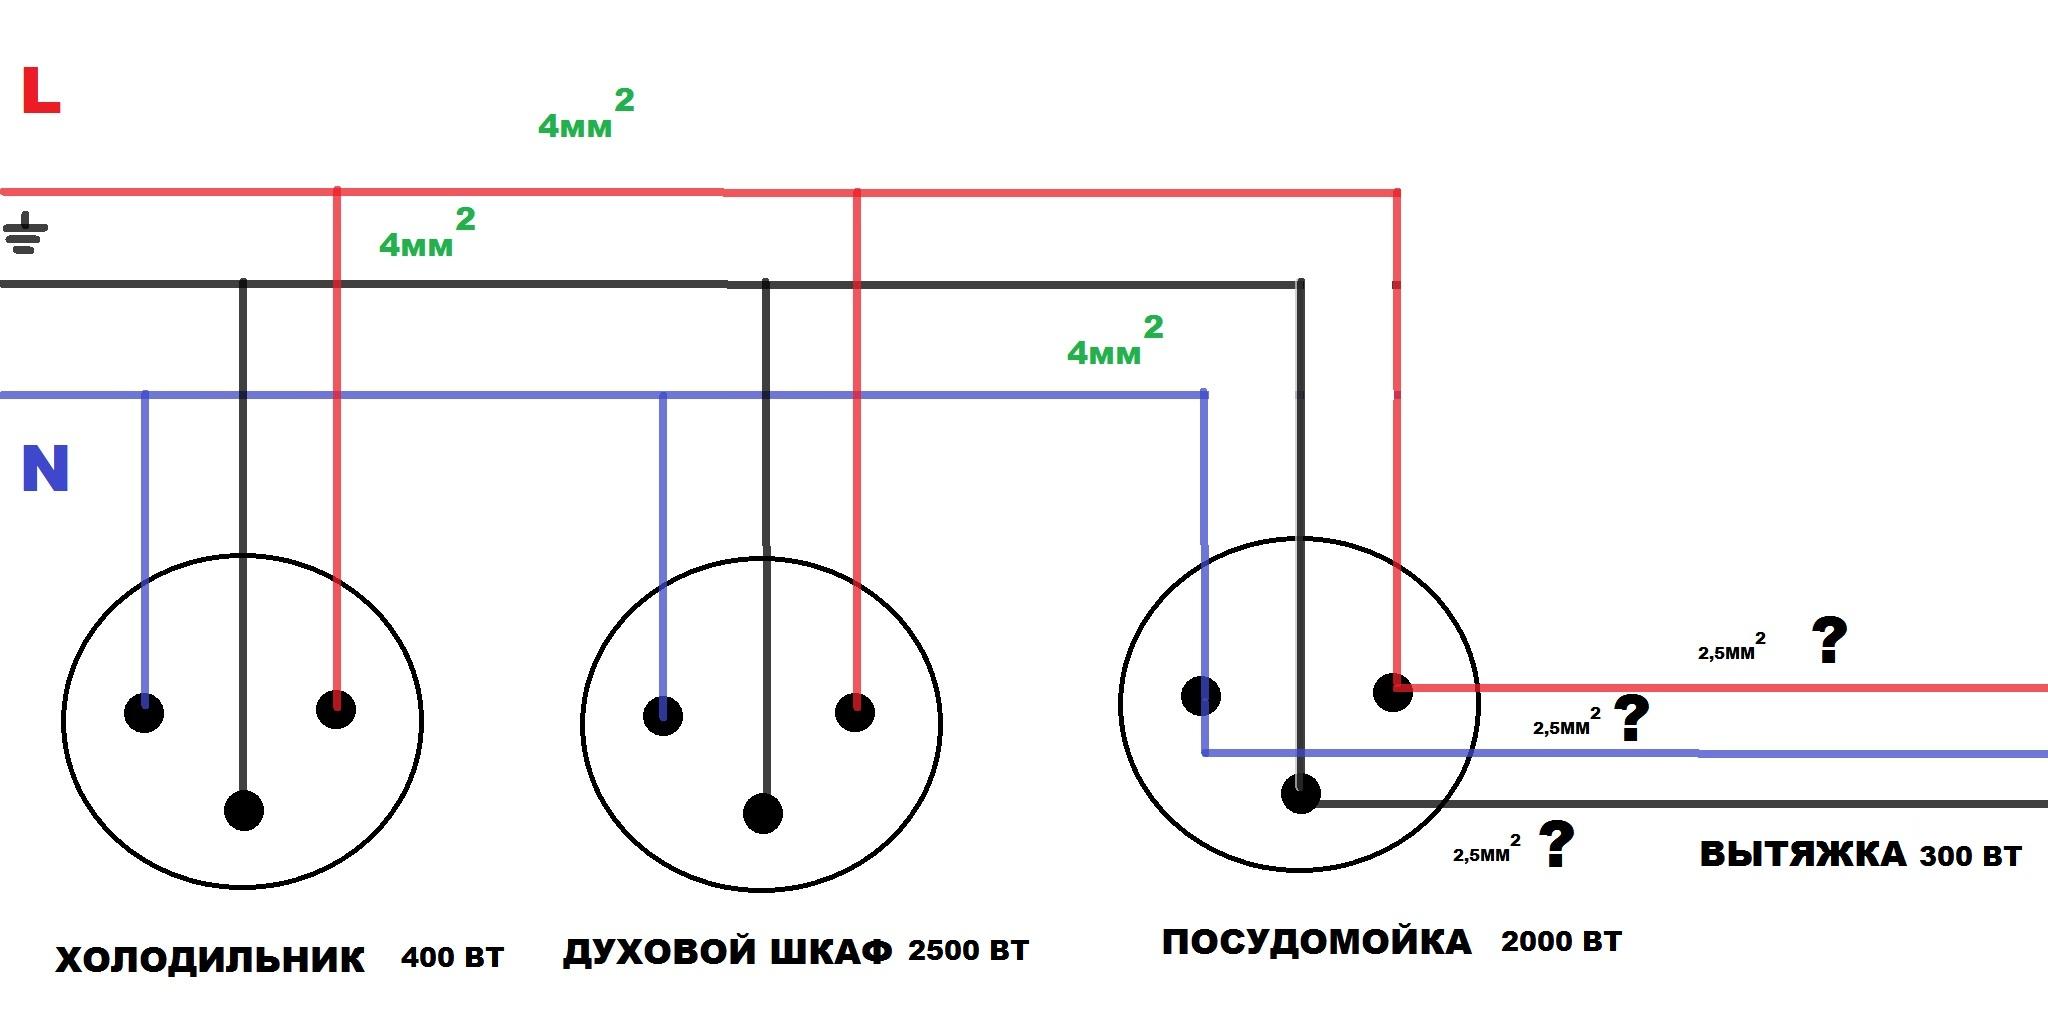 Розетка для электроплиты – подключения силового кабеля, советы по установке и переносу розетки (инструкция с фото и видео для новичков!)